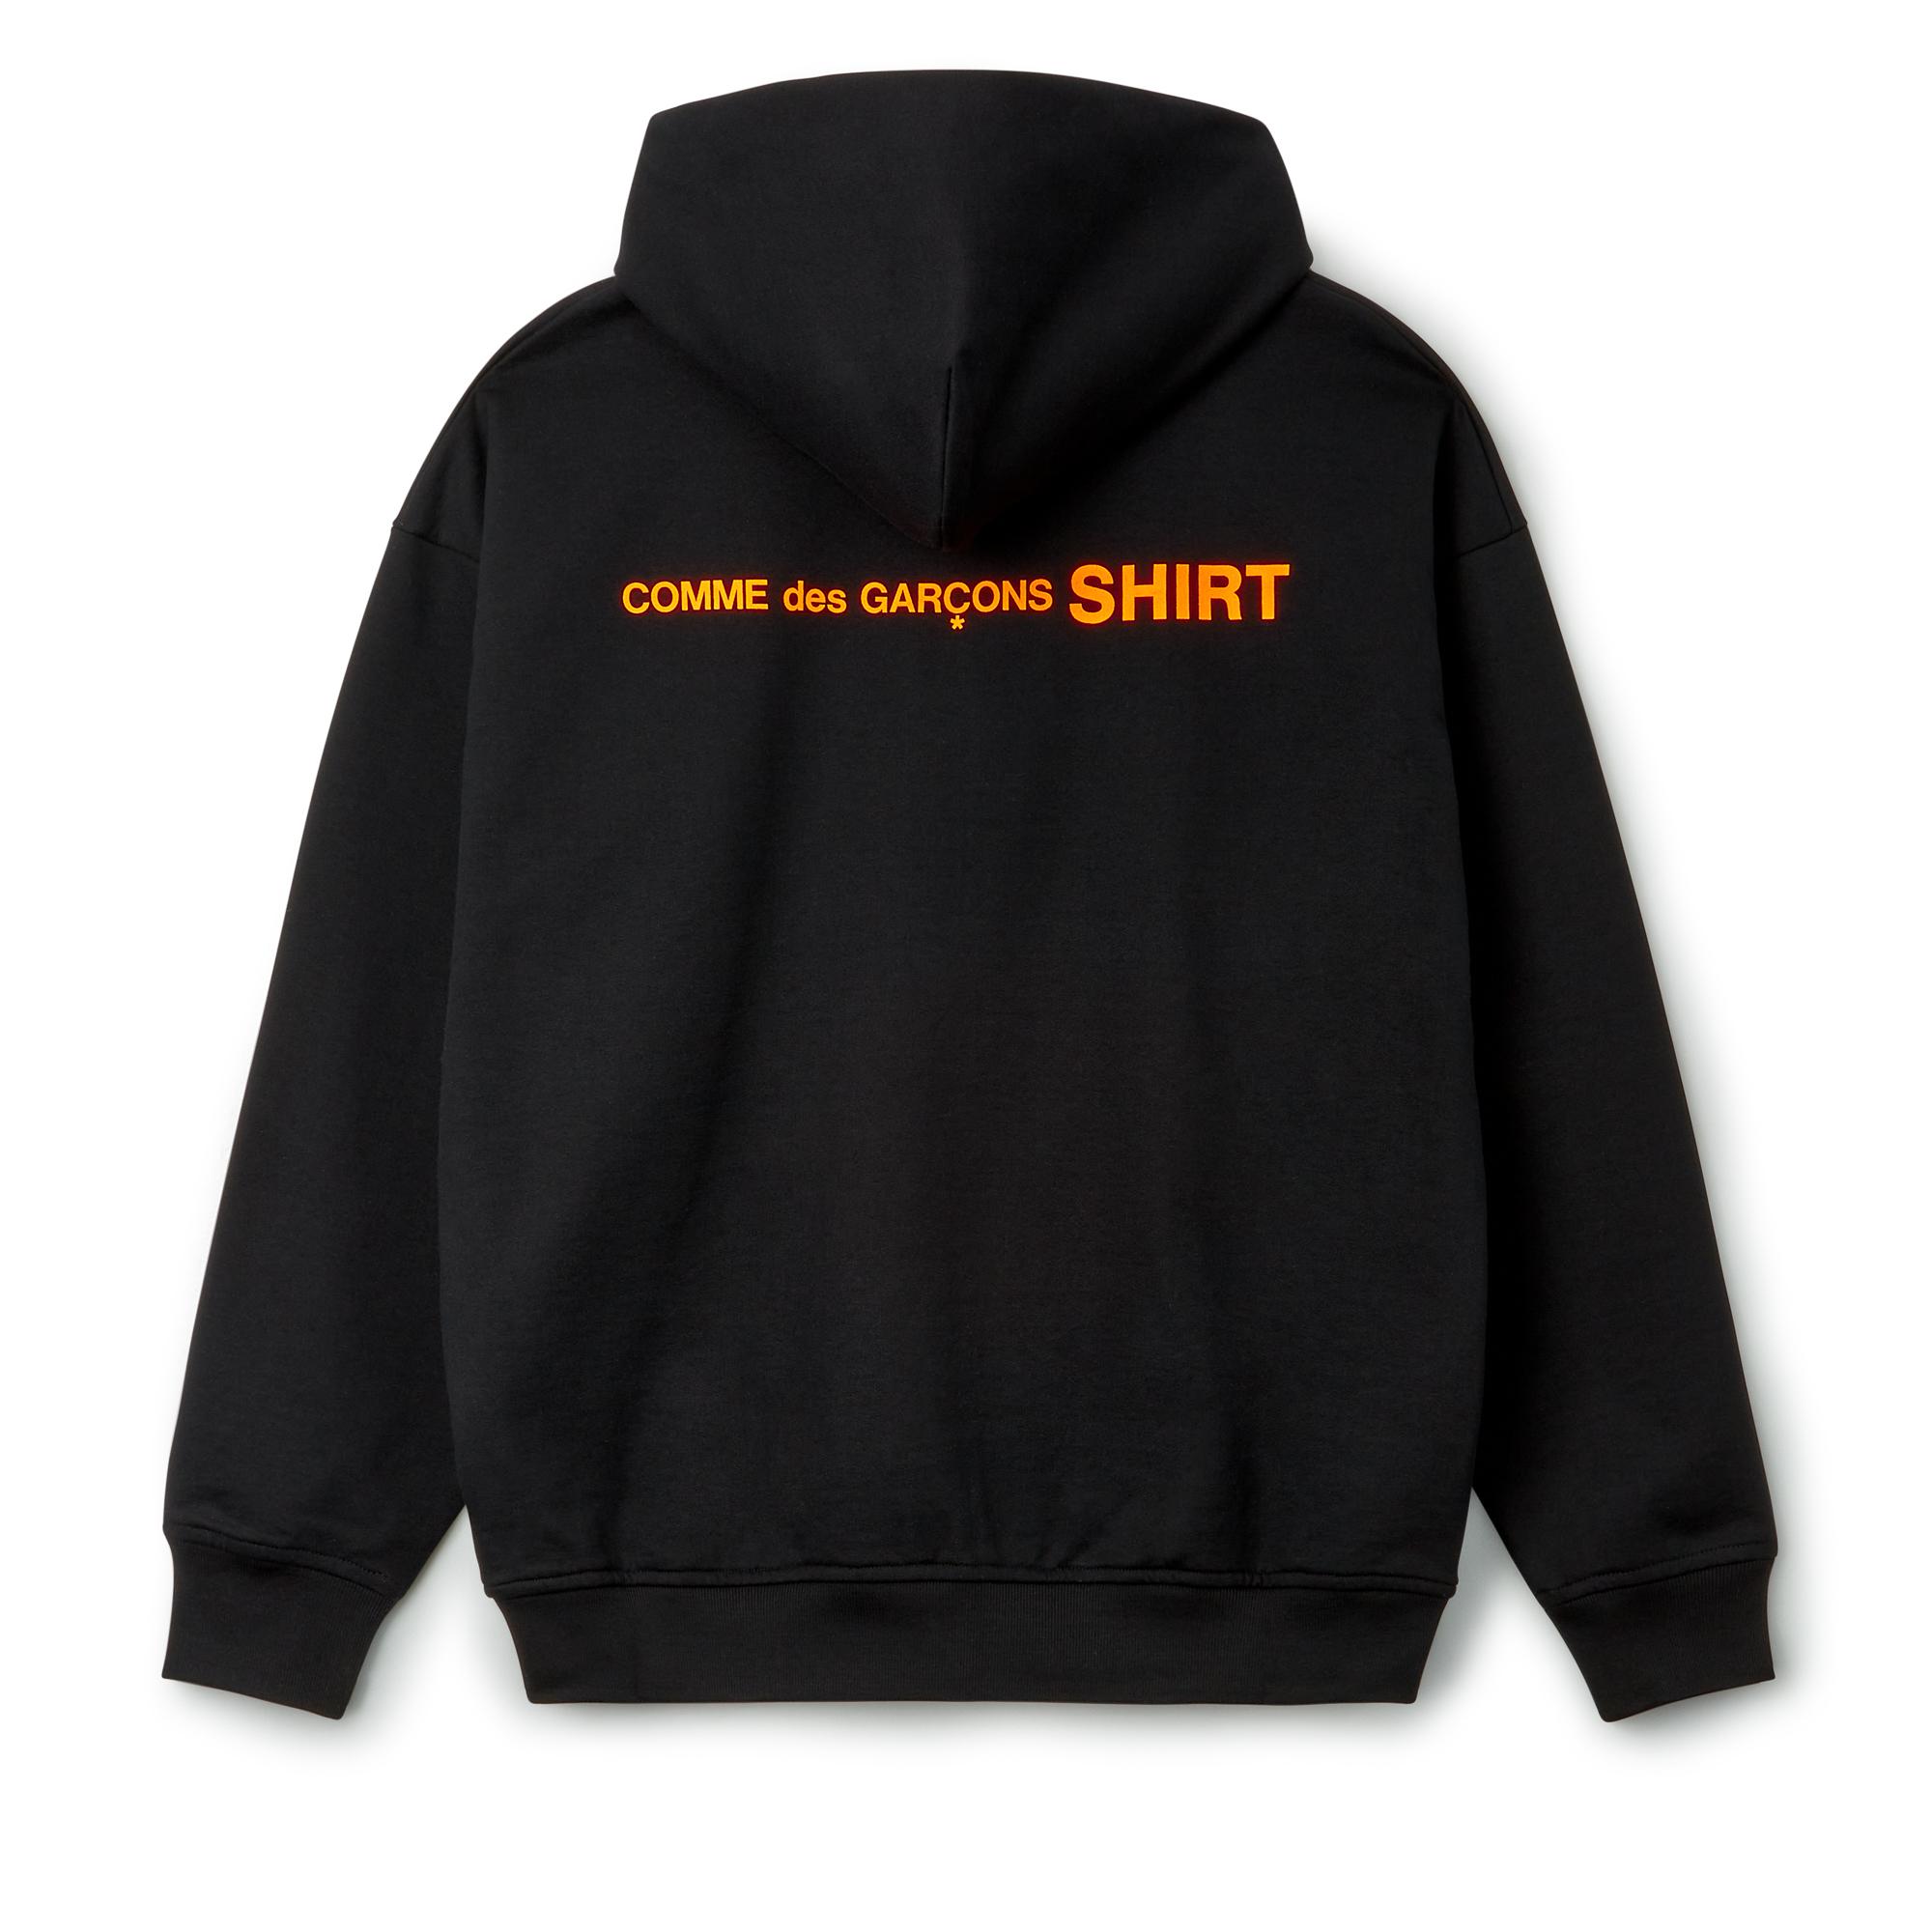 CDG SHIRT - shot 3